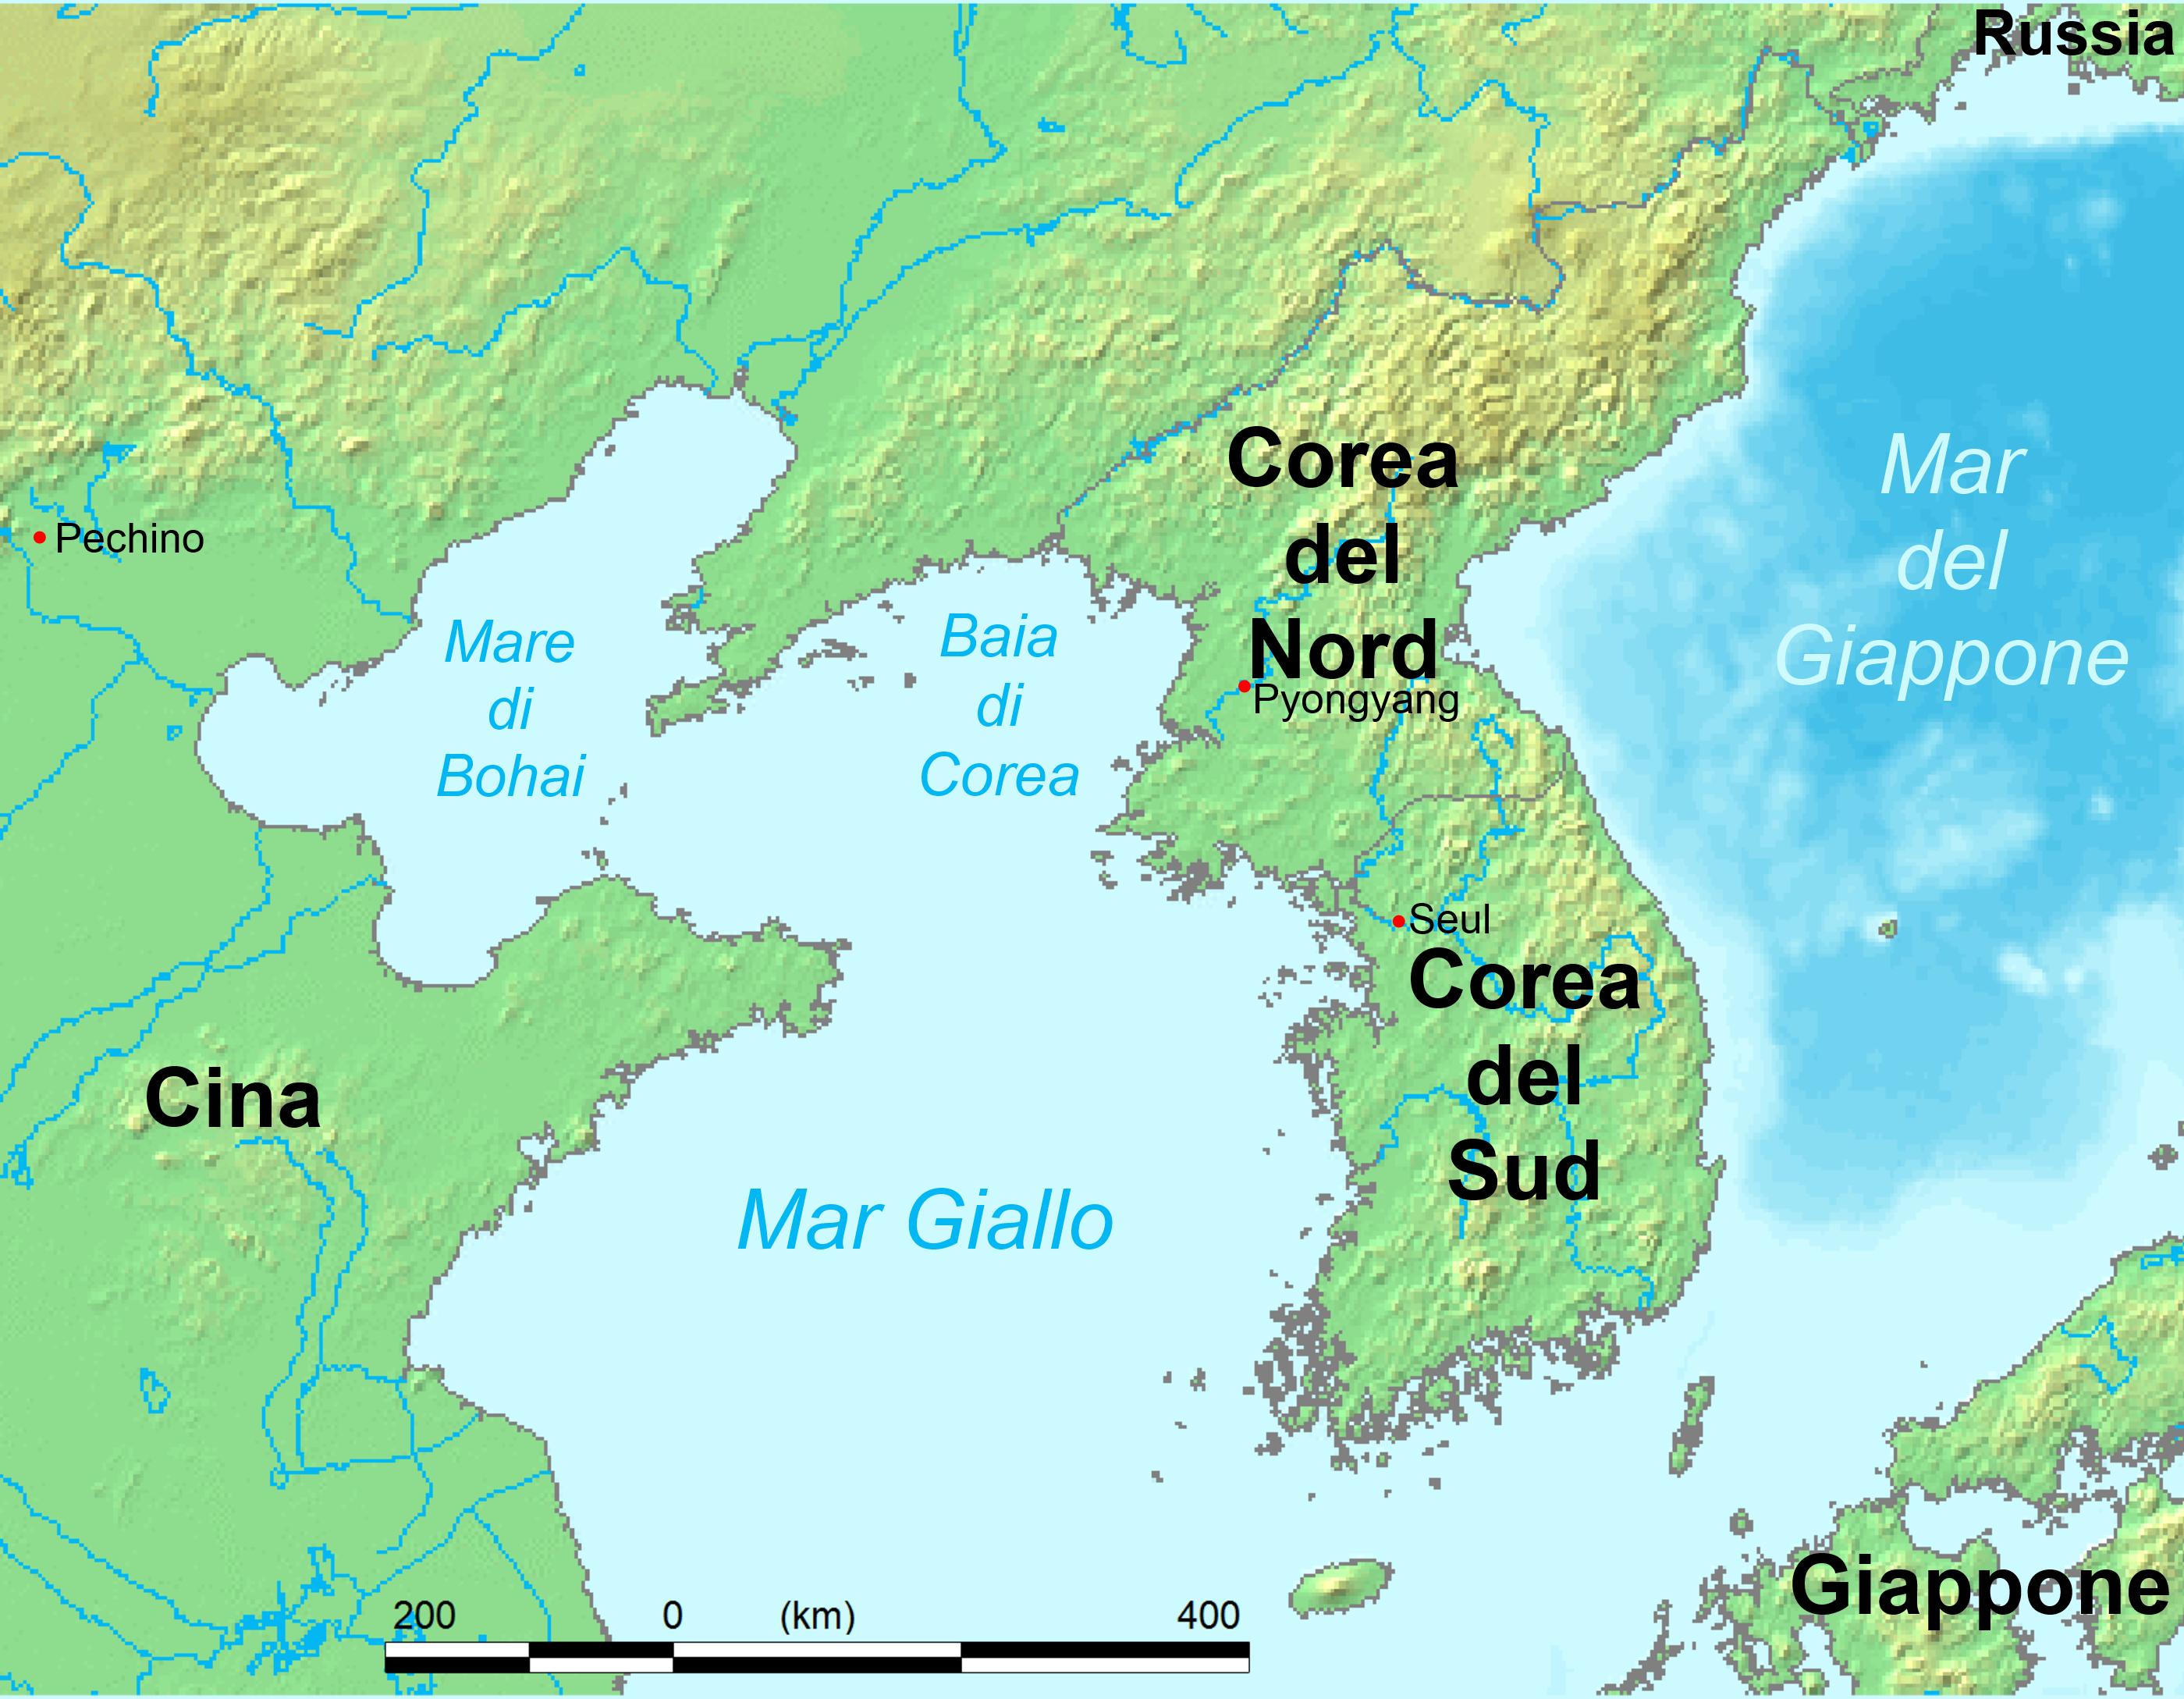 Cina E Giappone Cartina.Mar Giallo Wikipedia